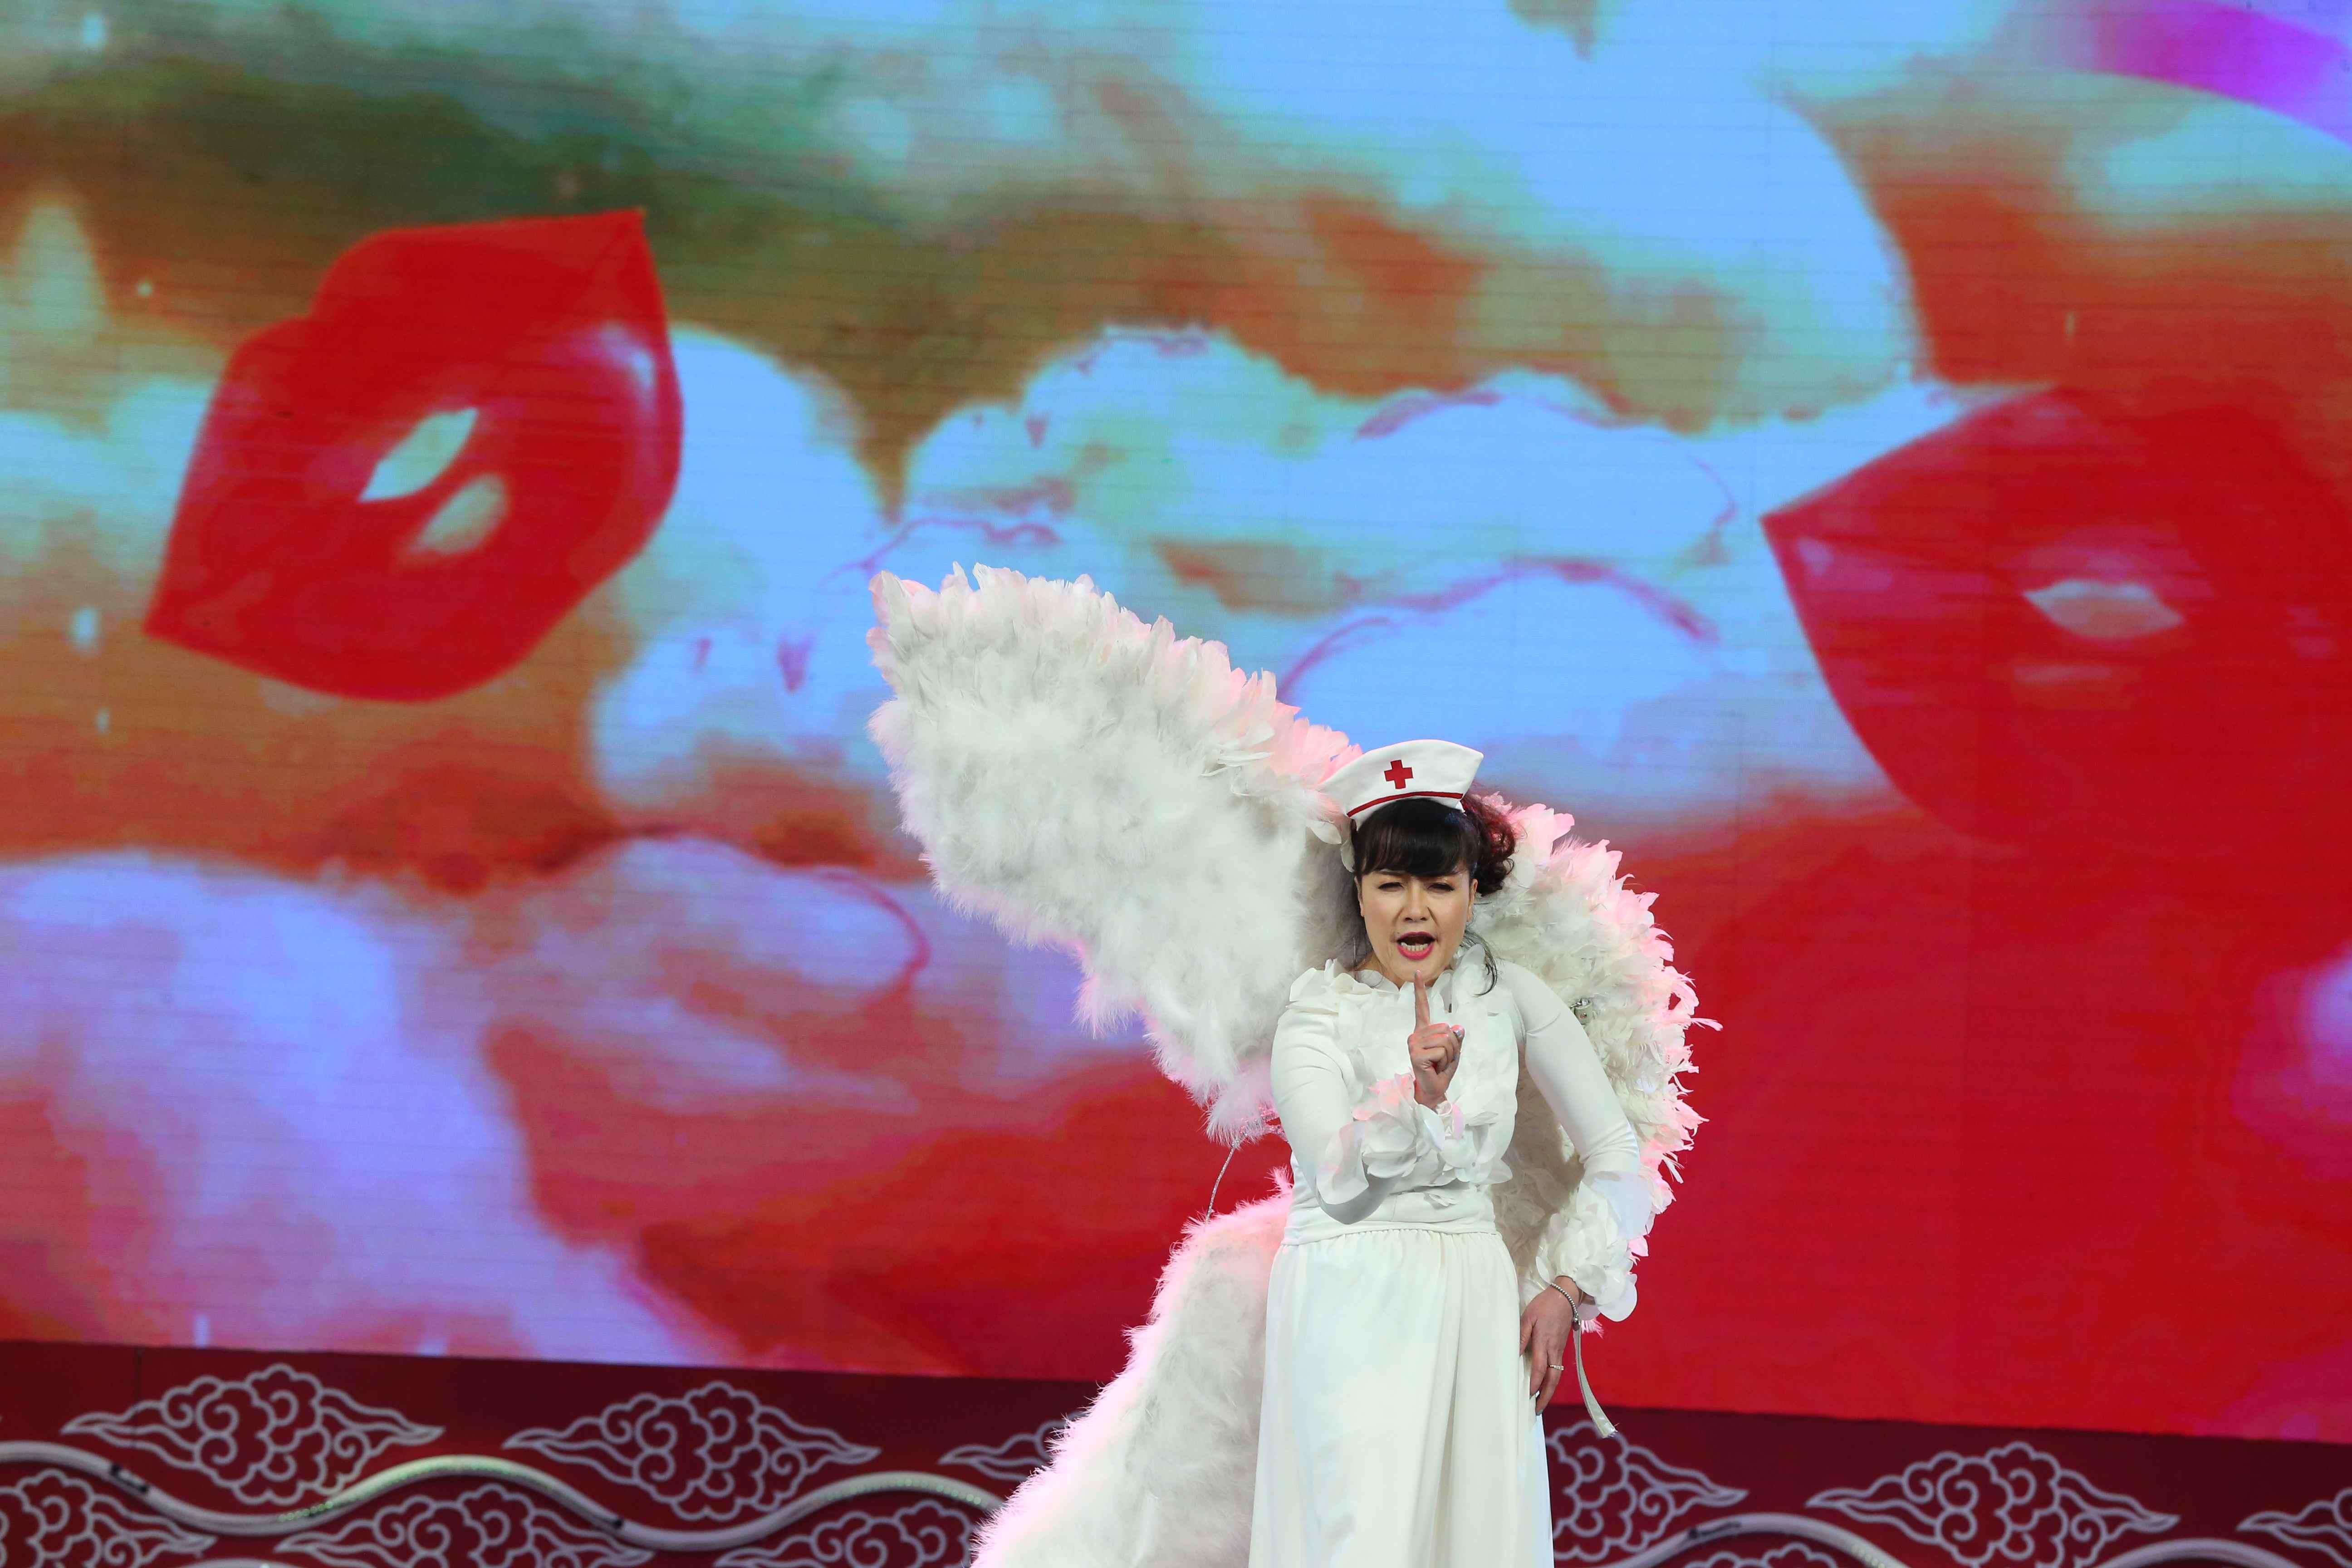 Sự kiện - Nghệ sĩ Quốc Khánh bật mí việc học kịch bản Táo quân trong... toa-lét (Hình 5).